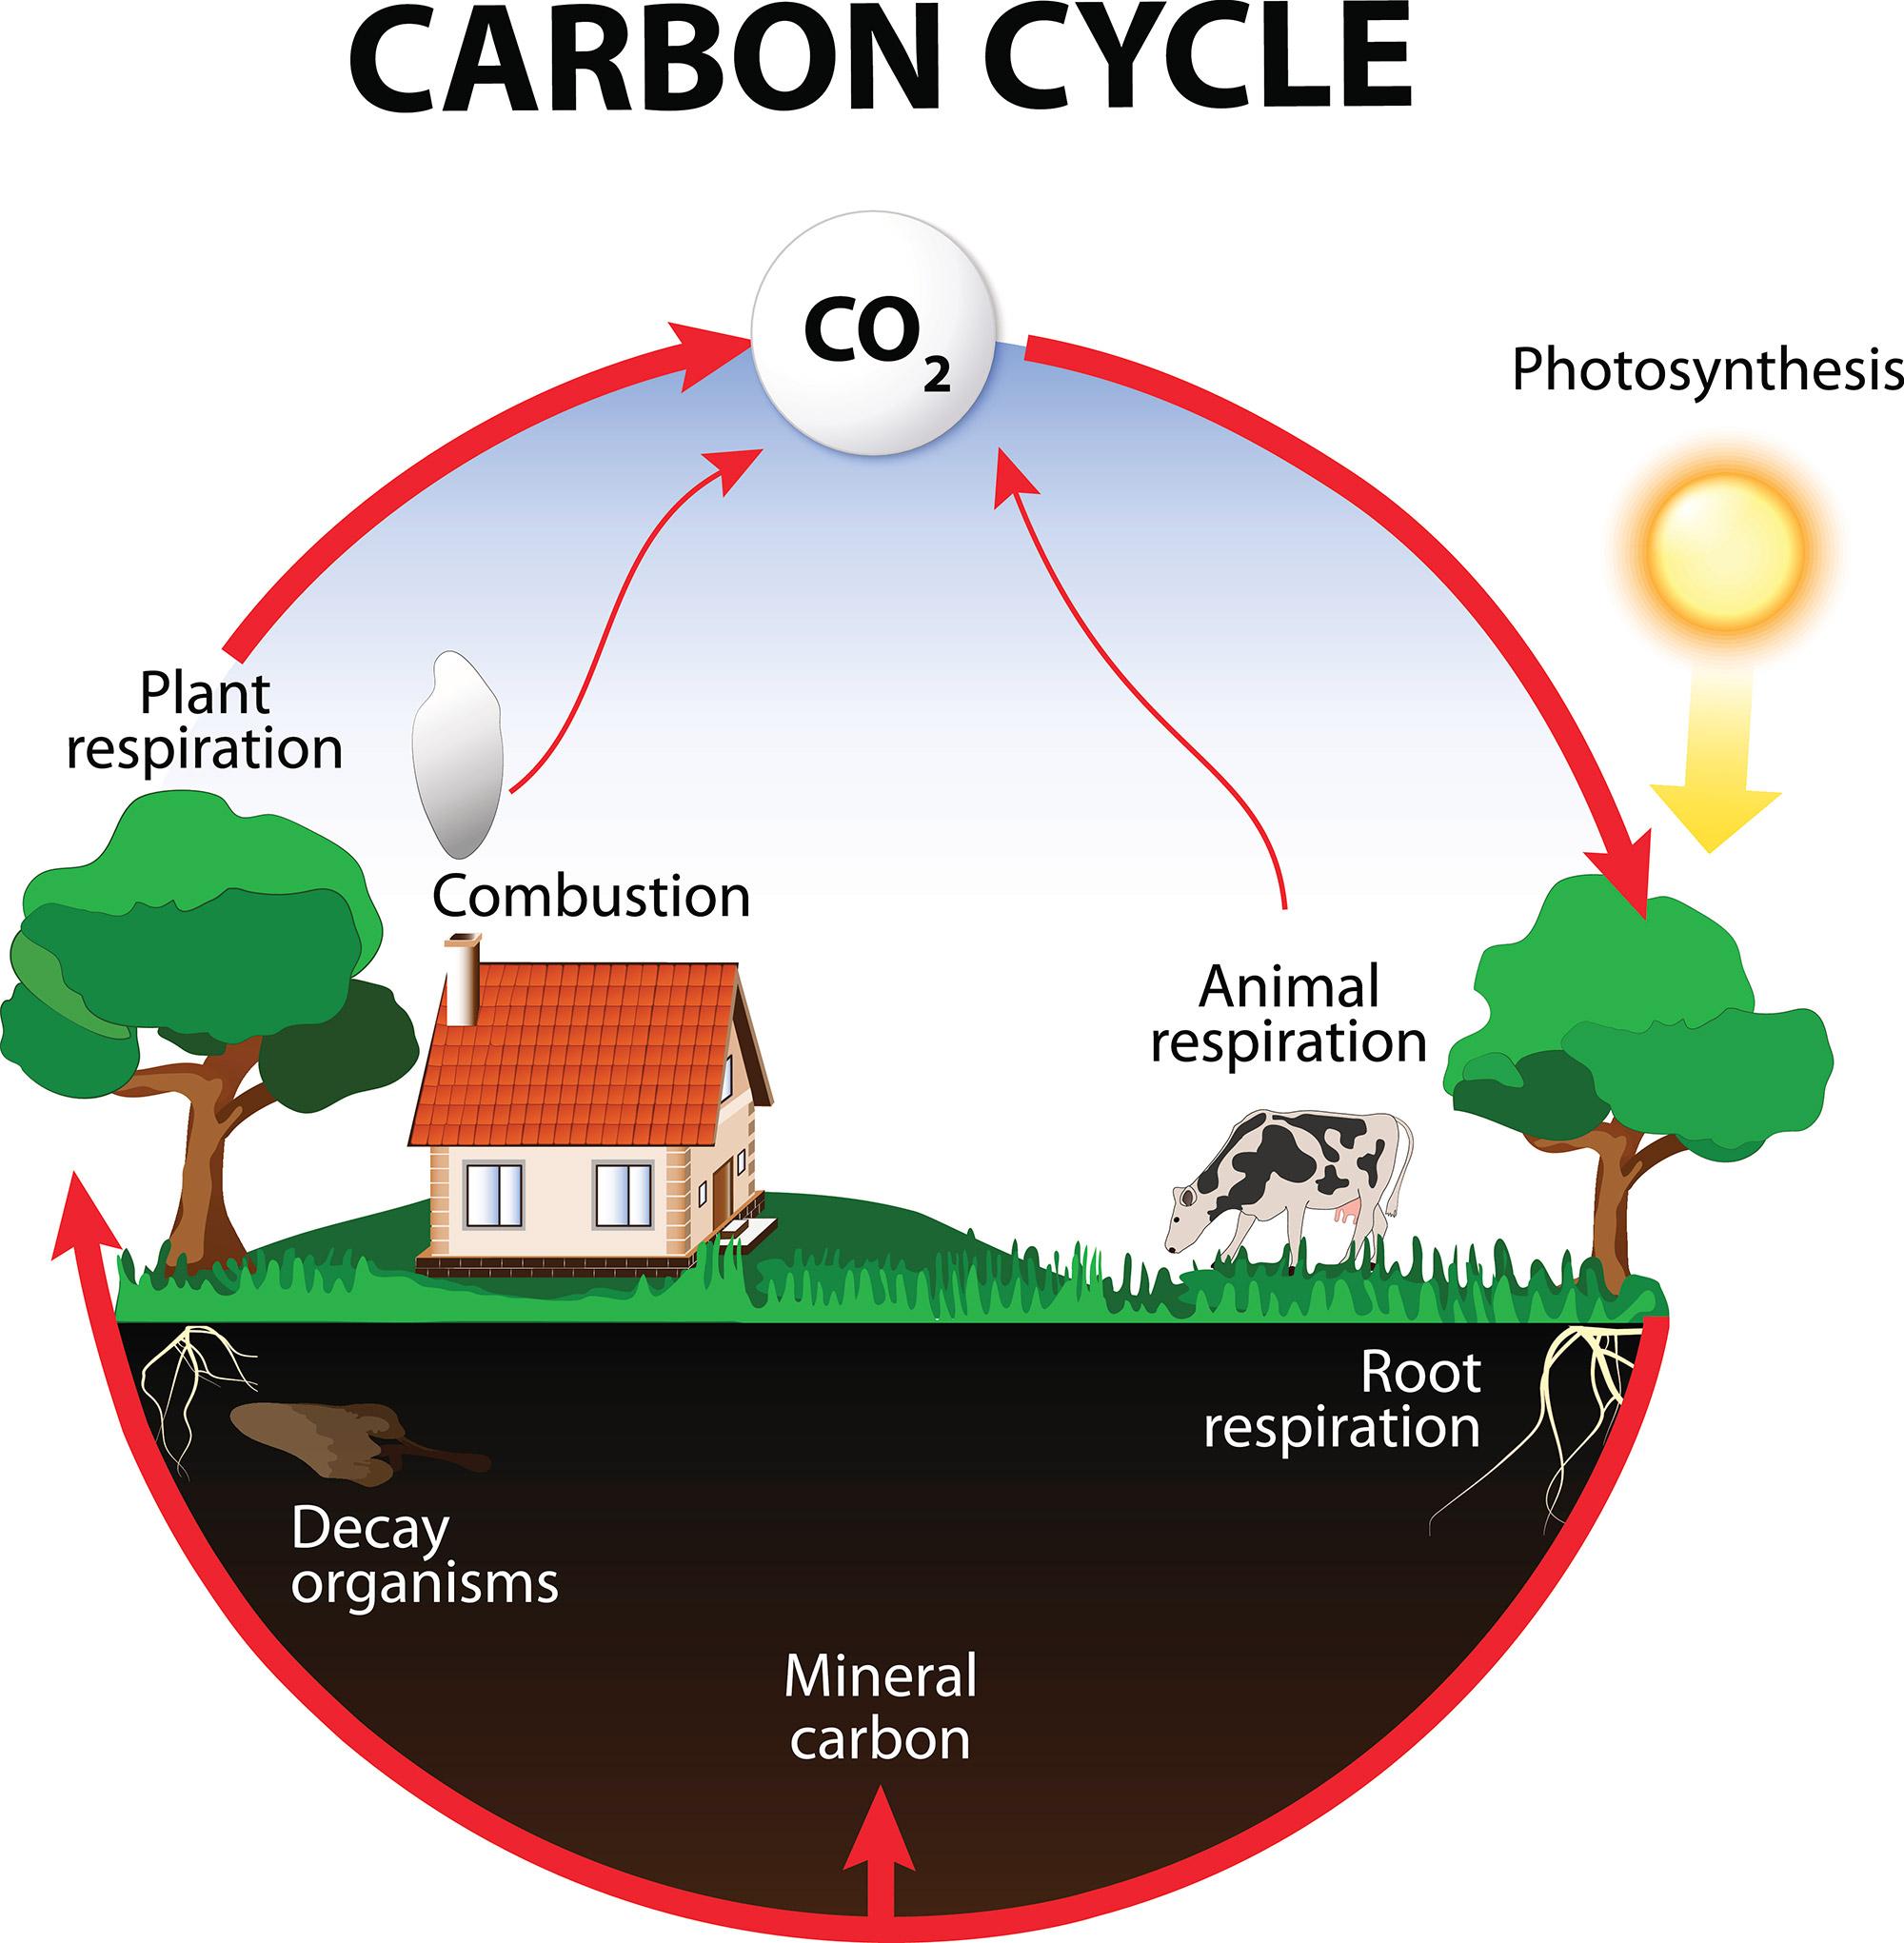 กระบวนการสังเคราะห์ด้วยแสง (photosynthesis) - วิชาชีววิทยา